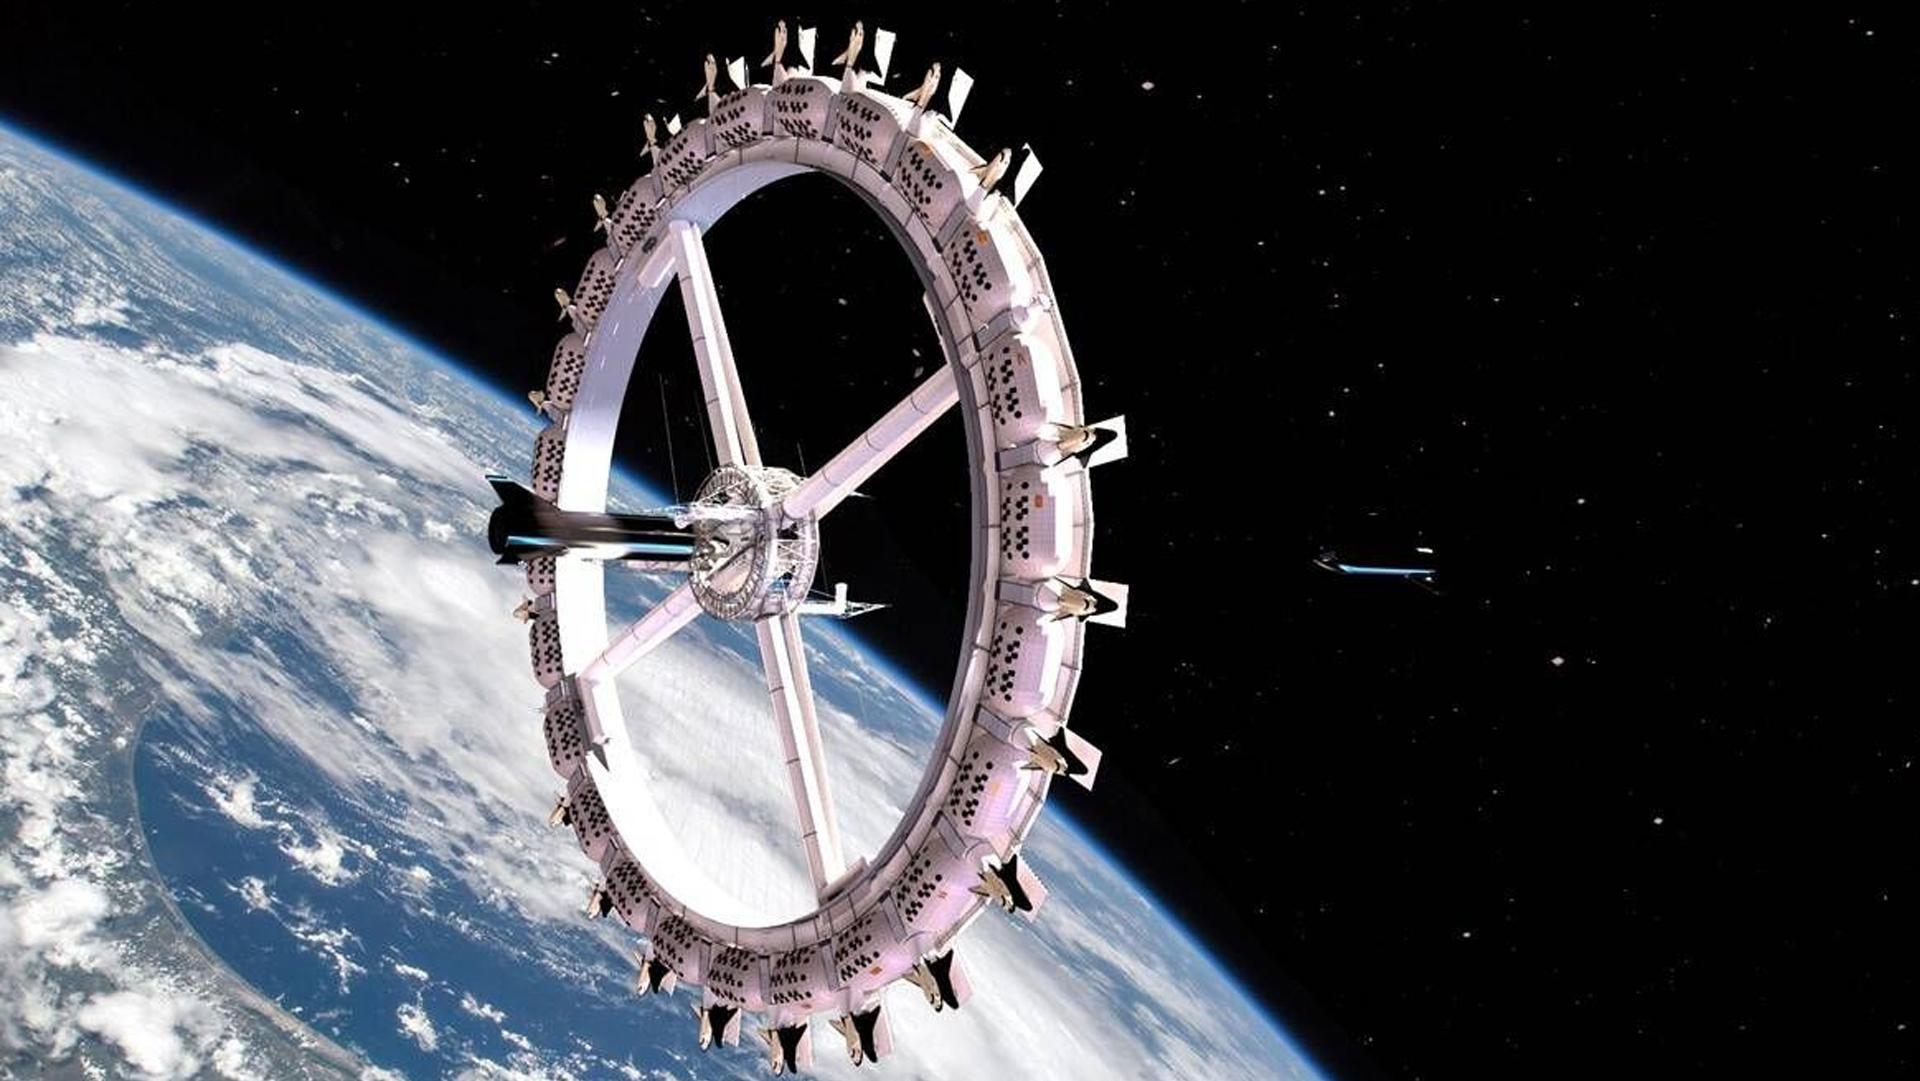 Le premier hôtel spatial ouvrira ses portes en 2027